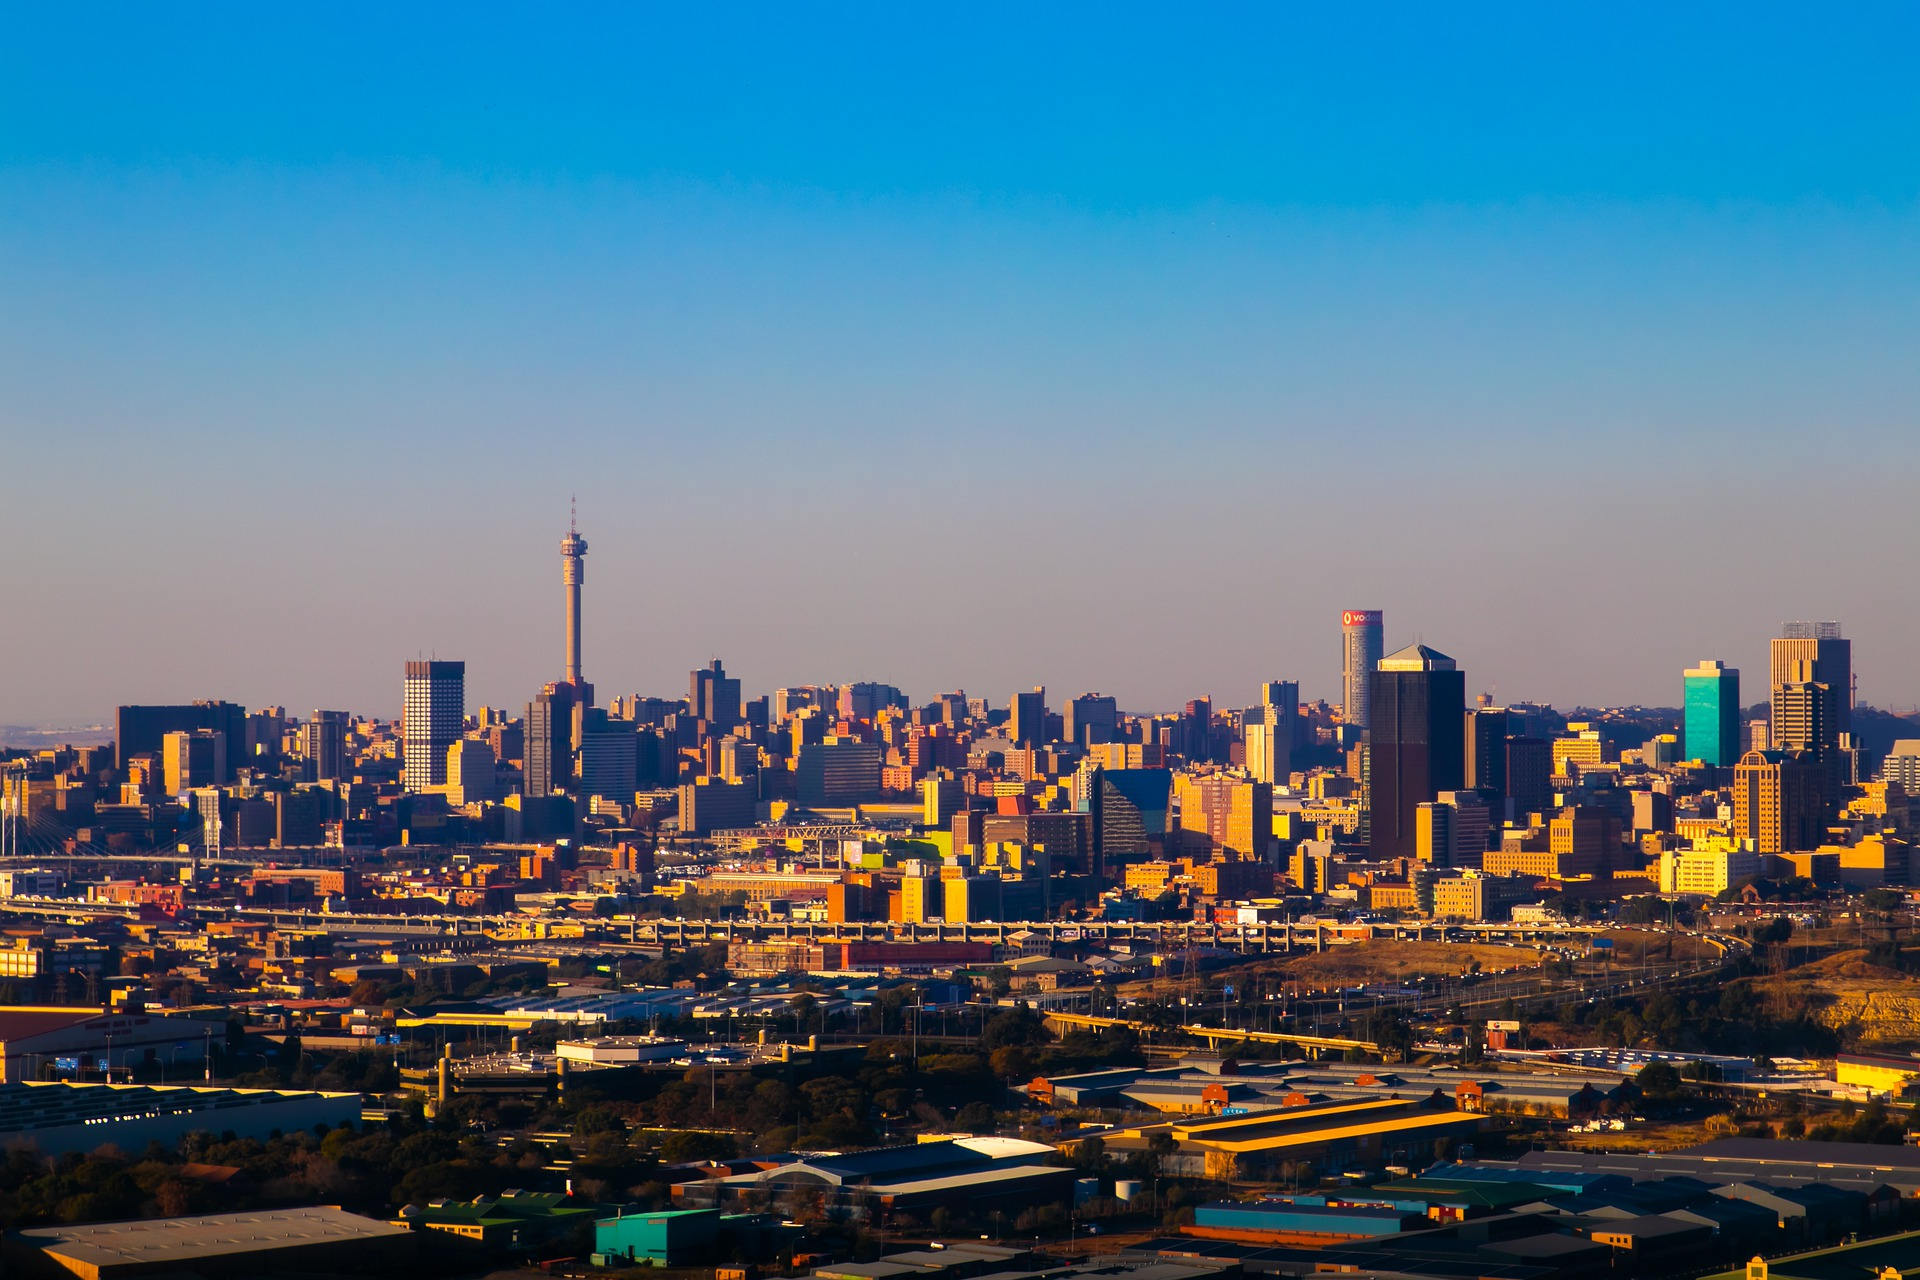 L'Afrique du Sud frappée de plein fouet par une double cyberattaque DDoS et ransomware